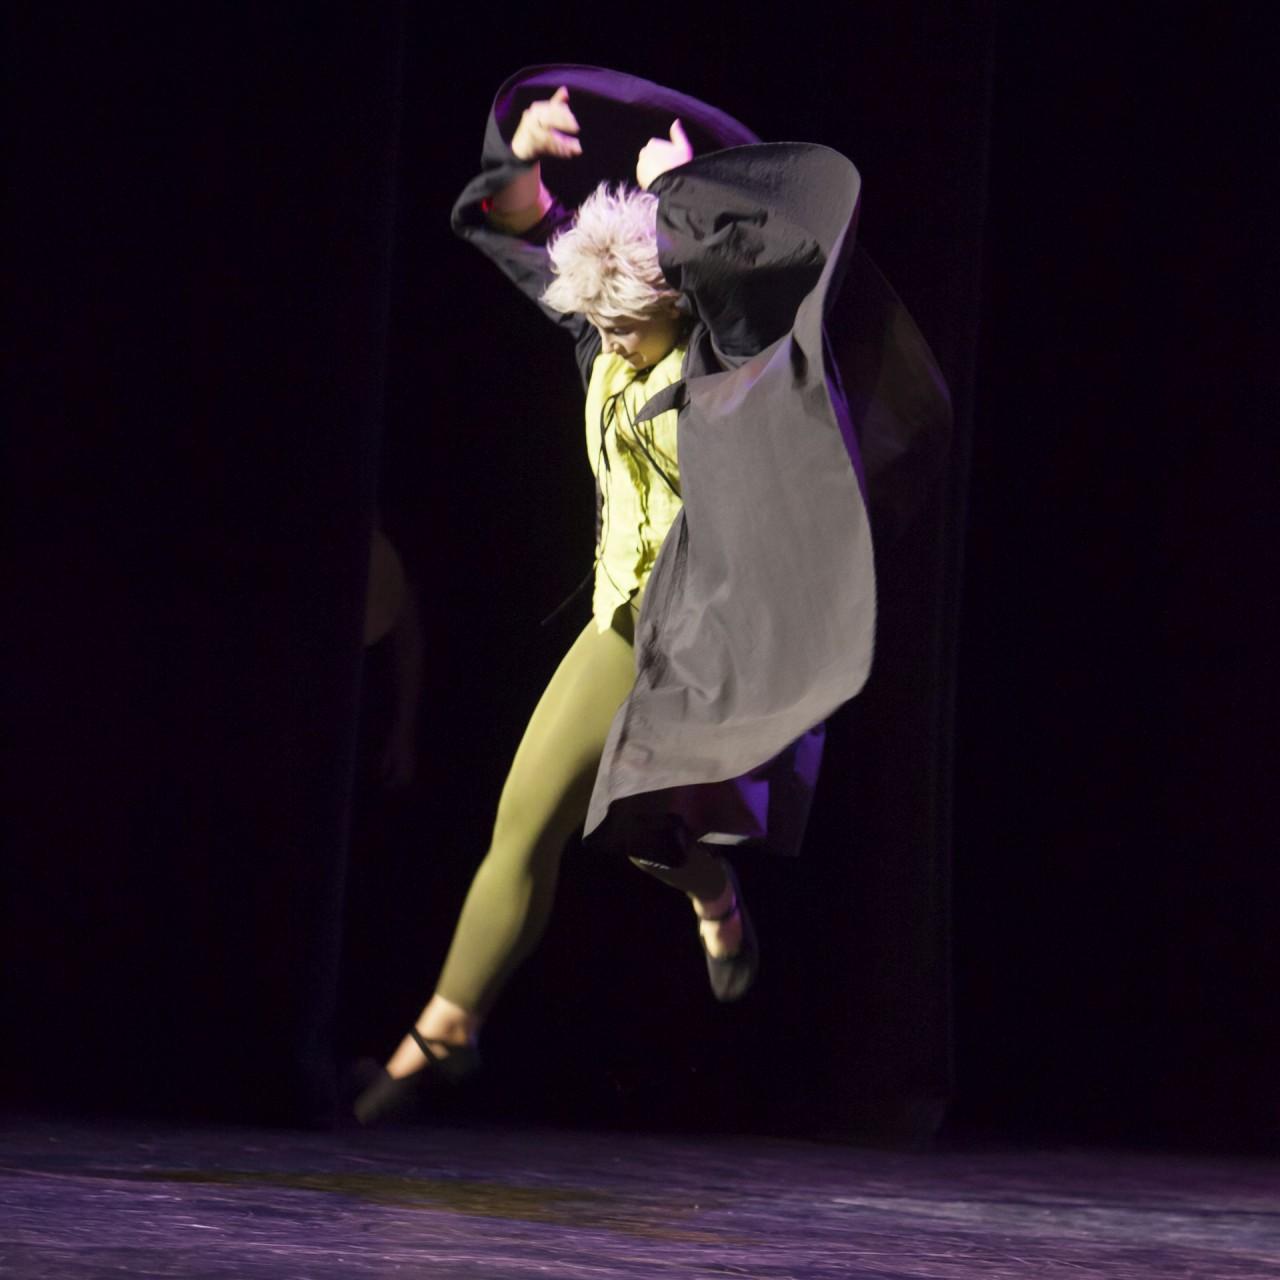 dansen ballet van den Ende (12 van 17)